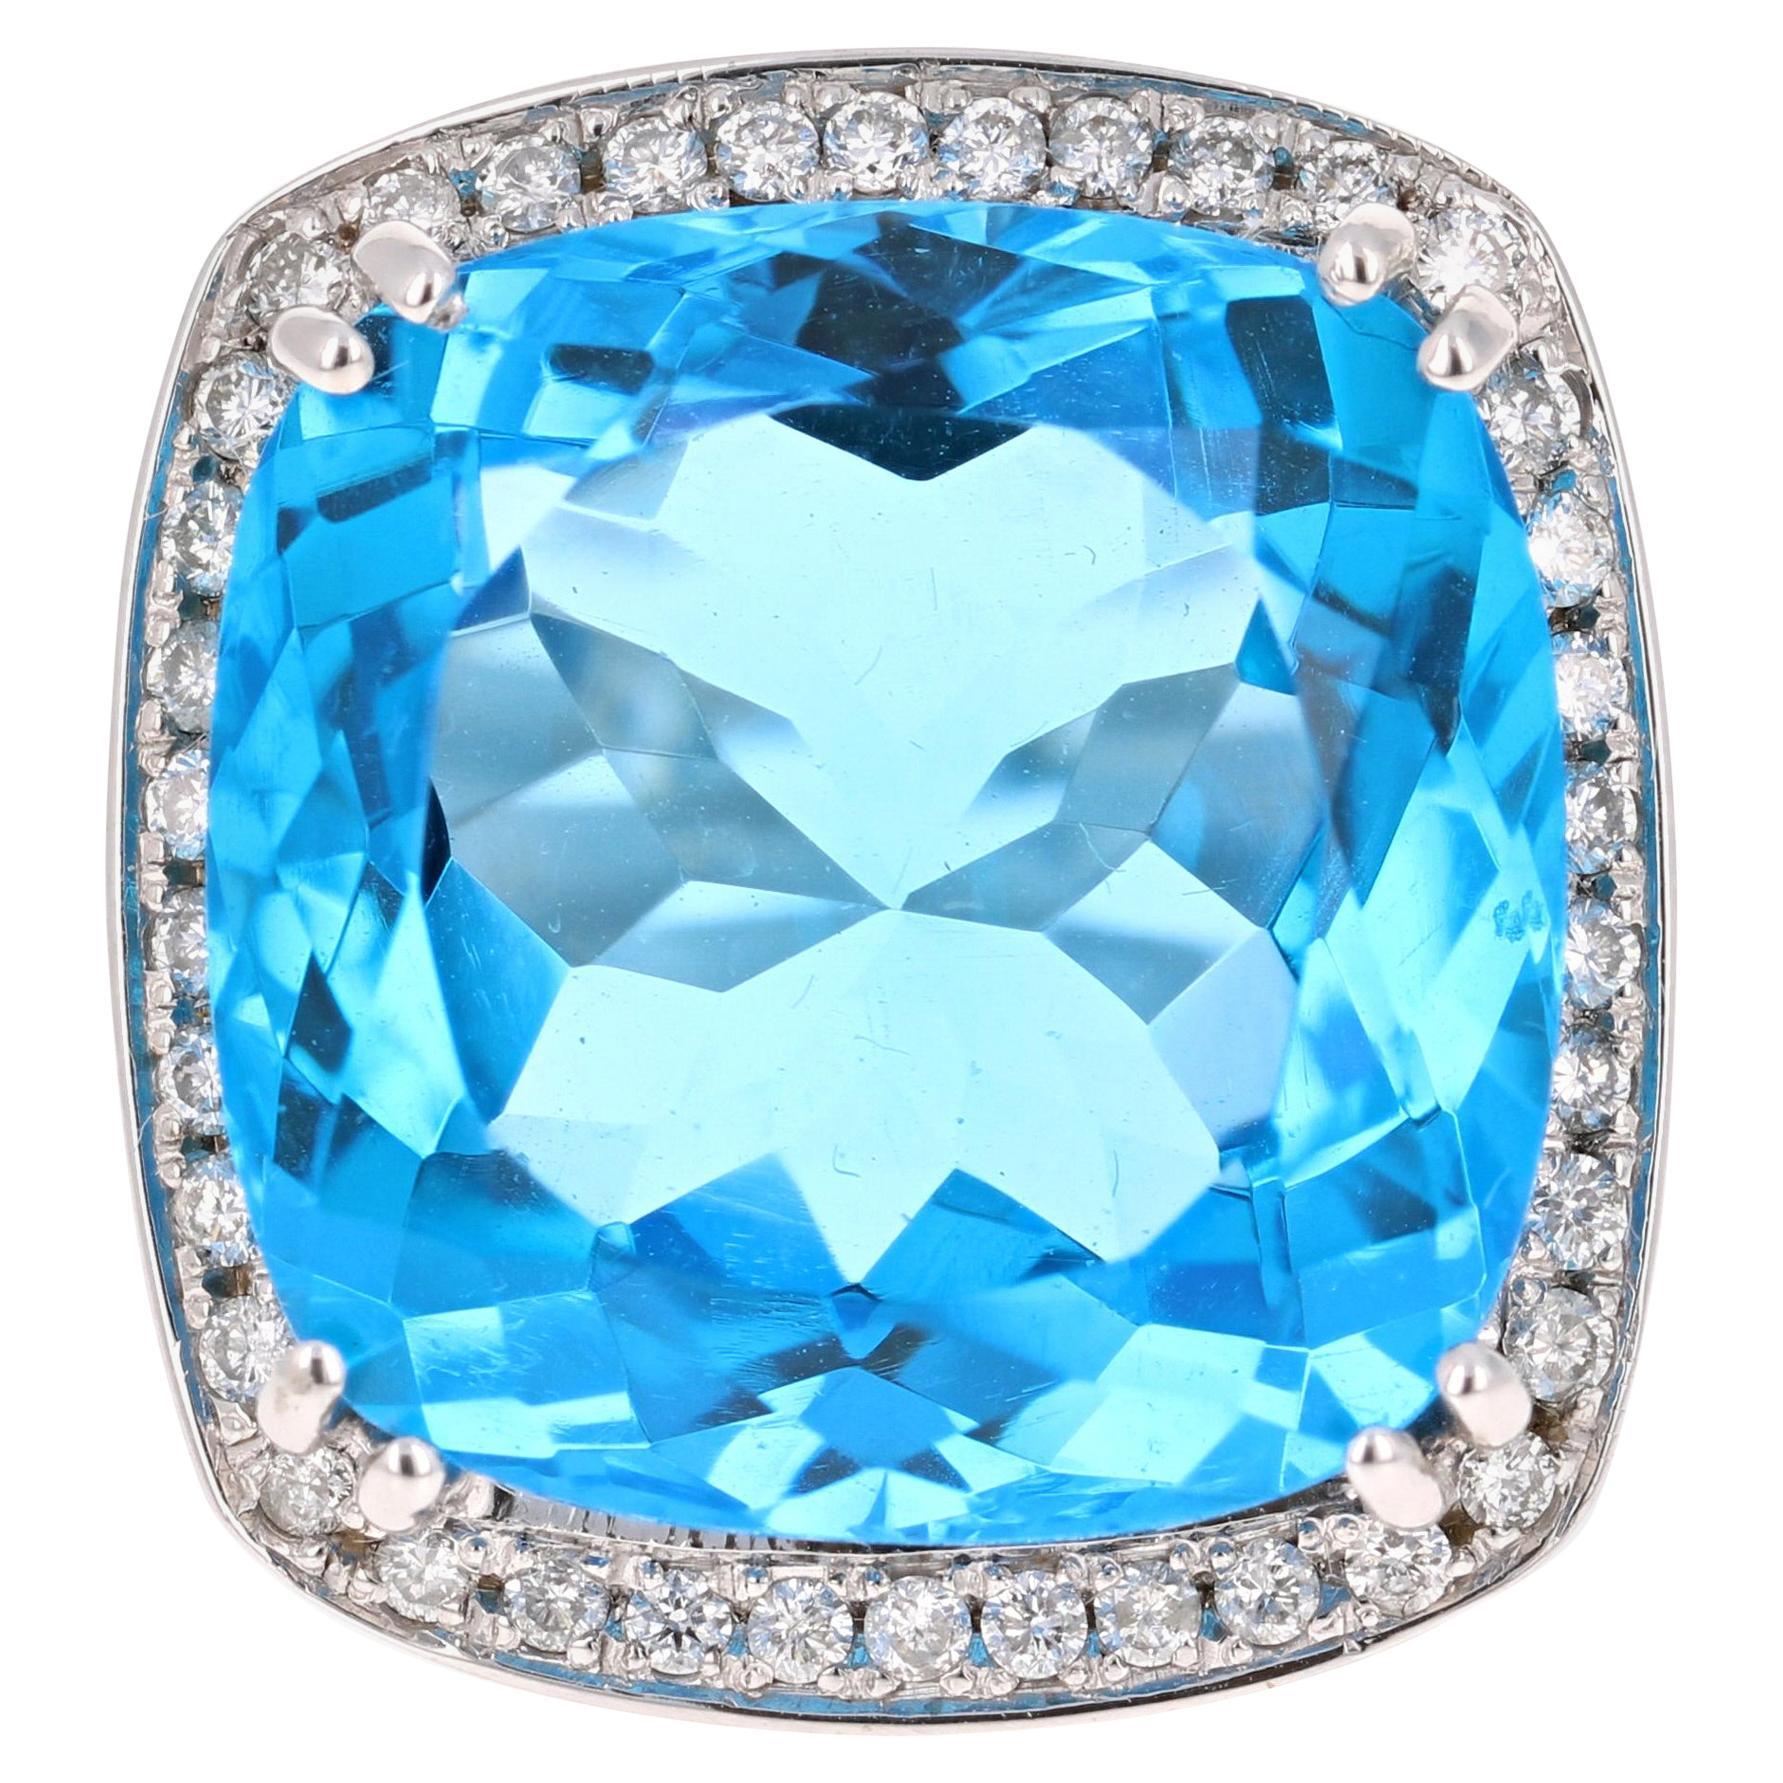 38.82 Carat Blue Topaz Diamond 14 Karat White Gold Cocktail Ring